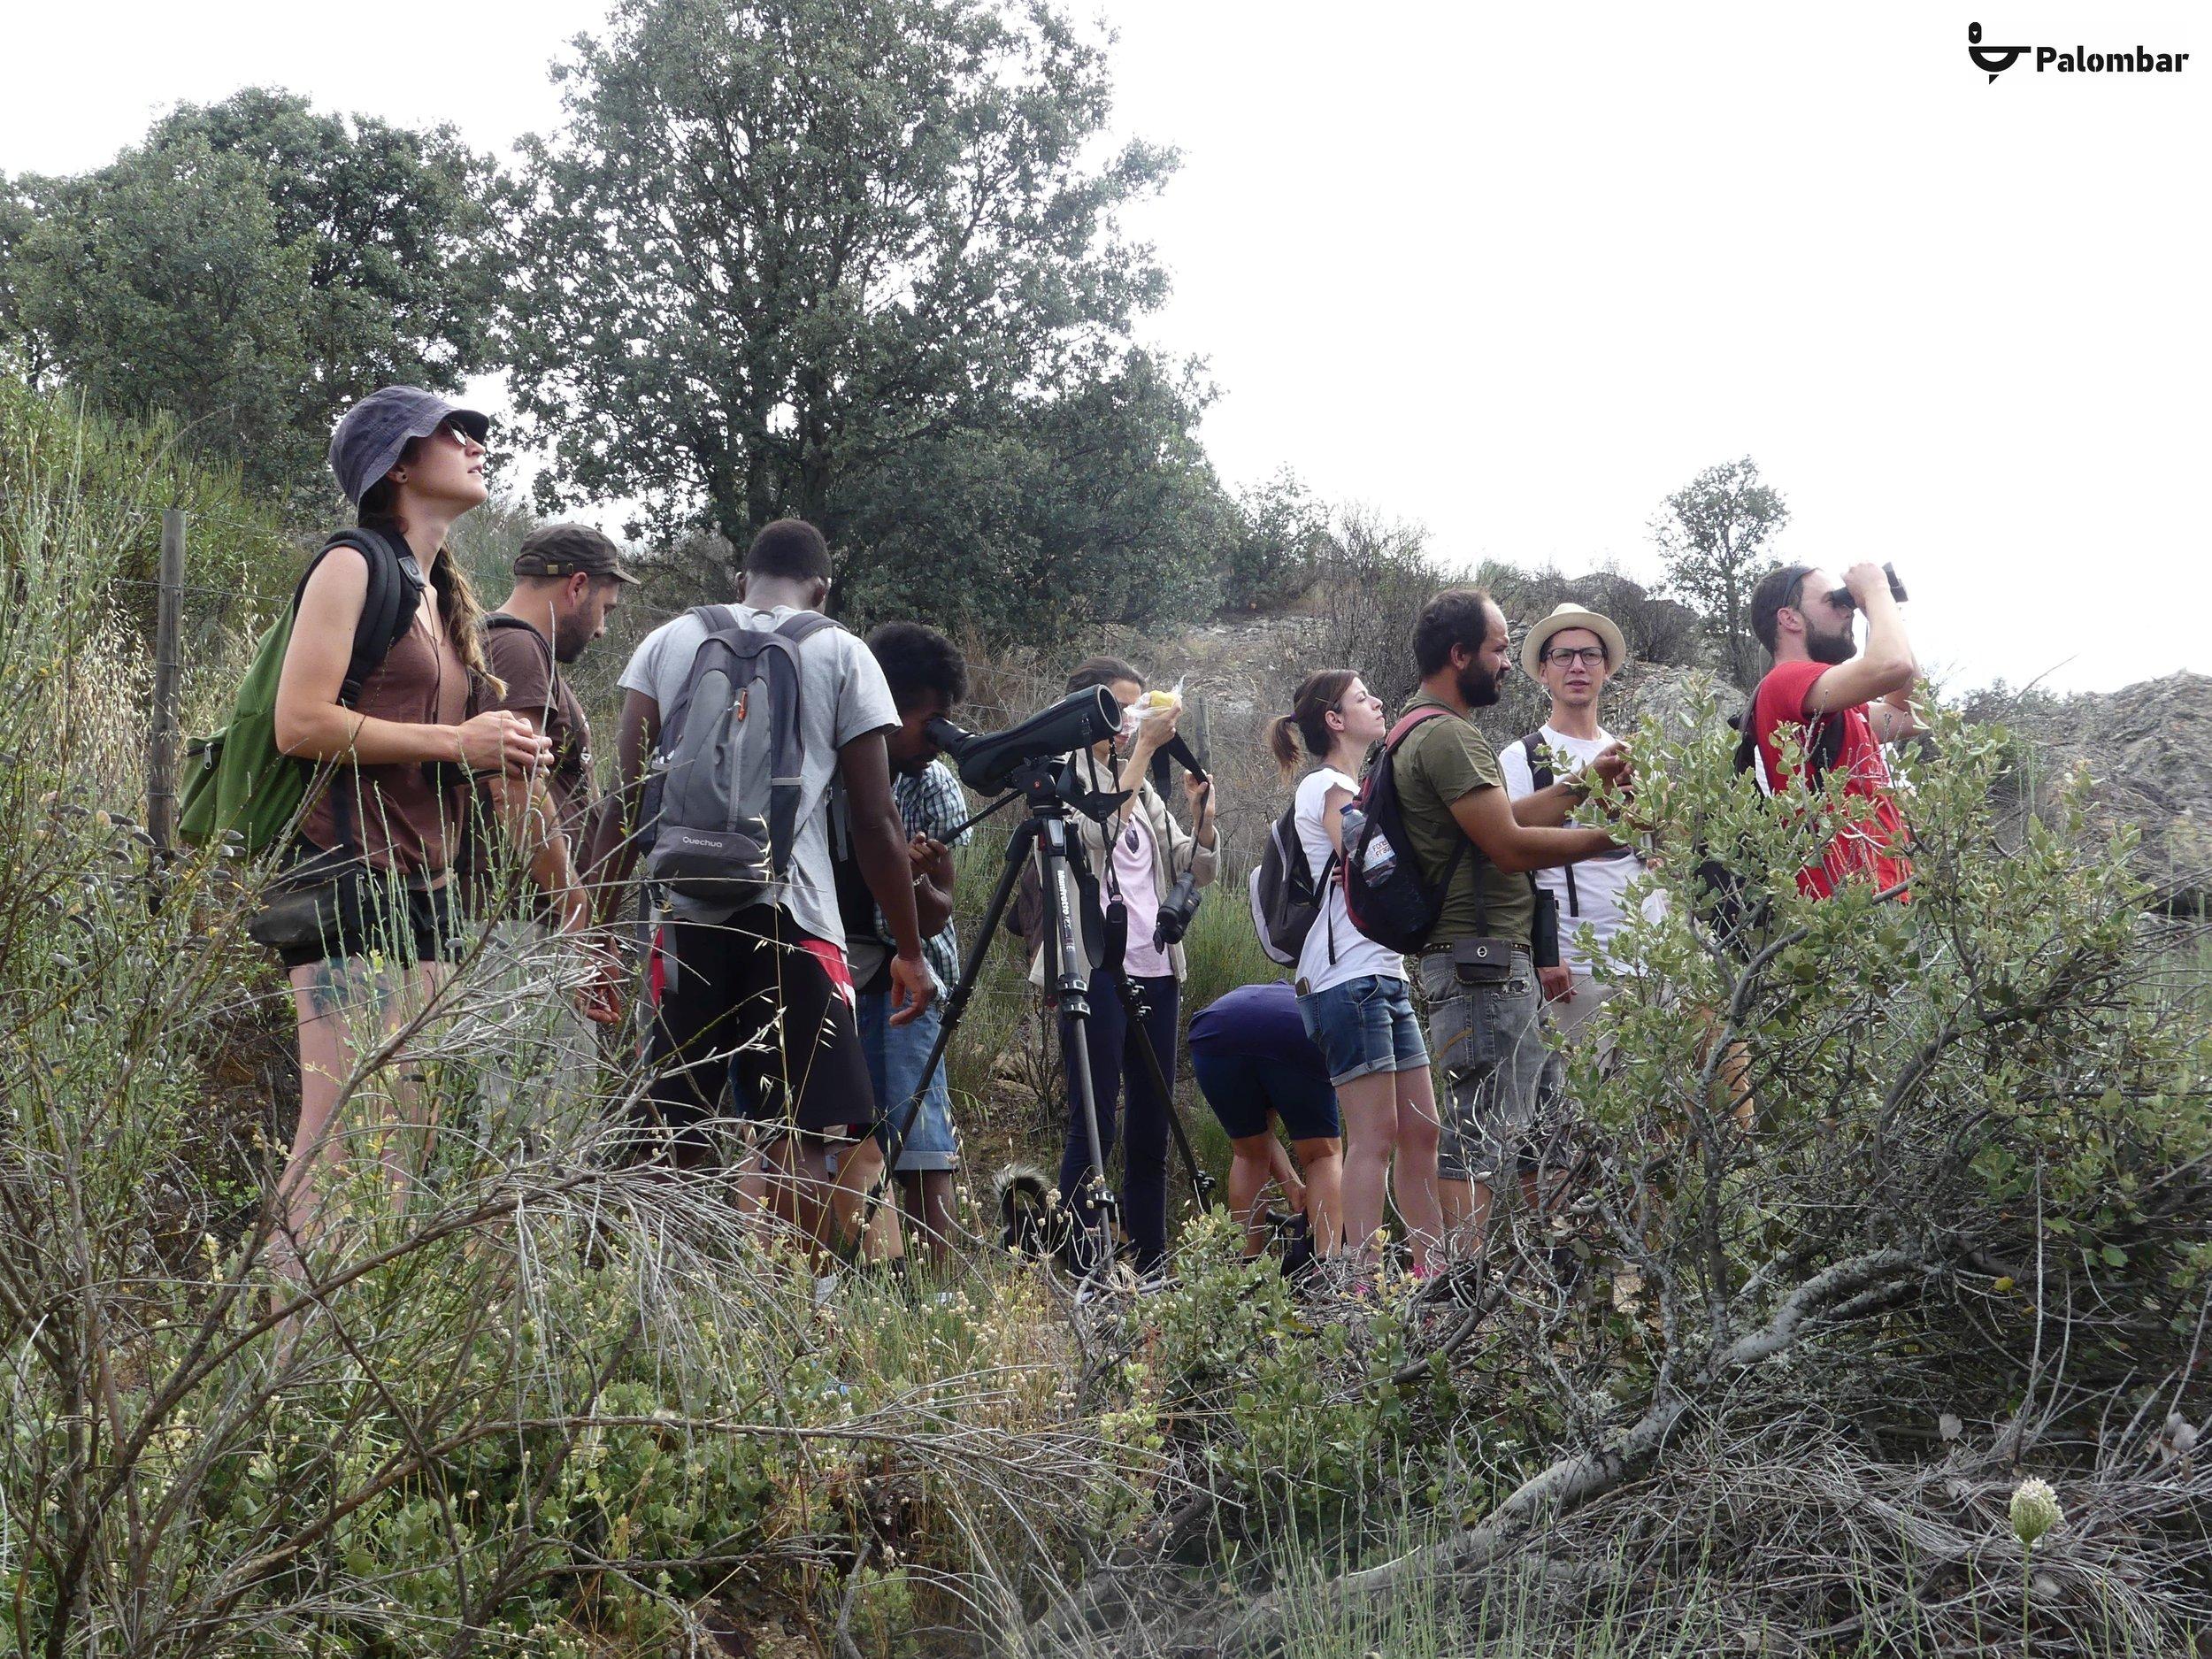 ZPE Rios Sabor e Maçãs e Rio Angueira - observação de aves | 7 de julho de 2018